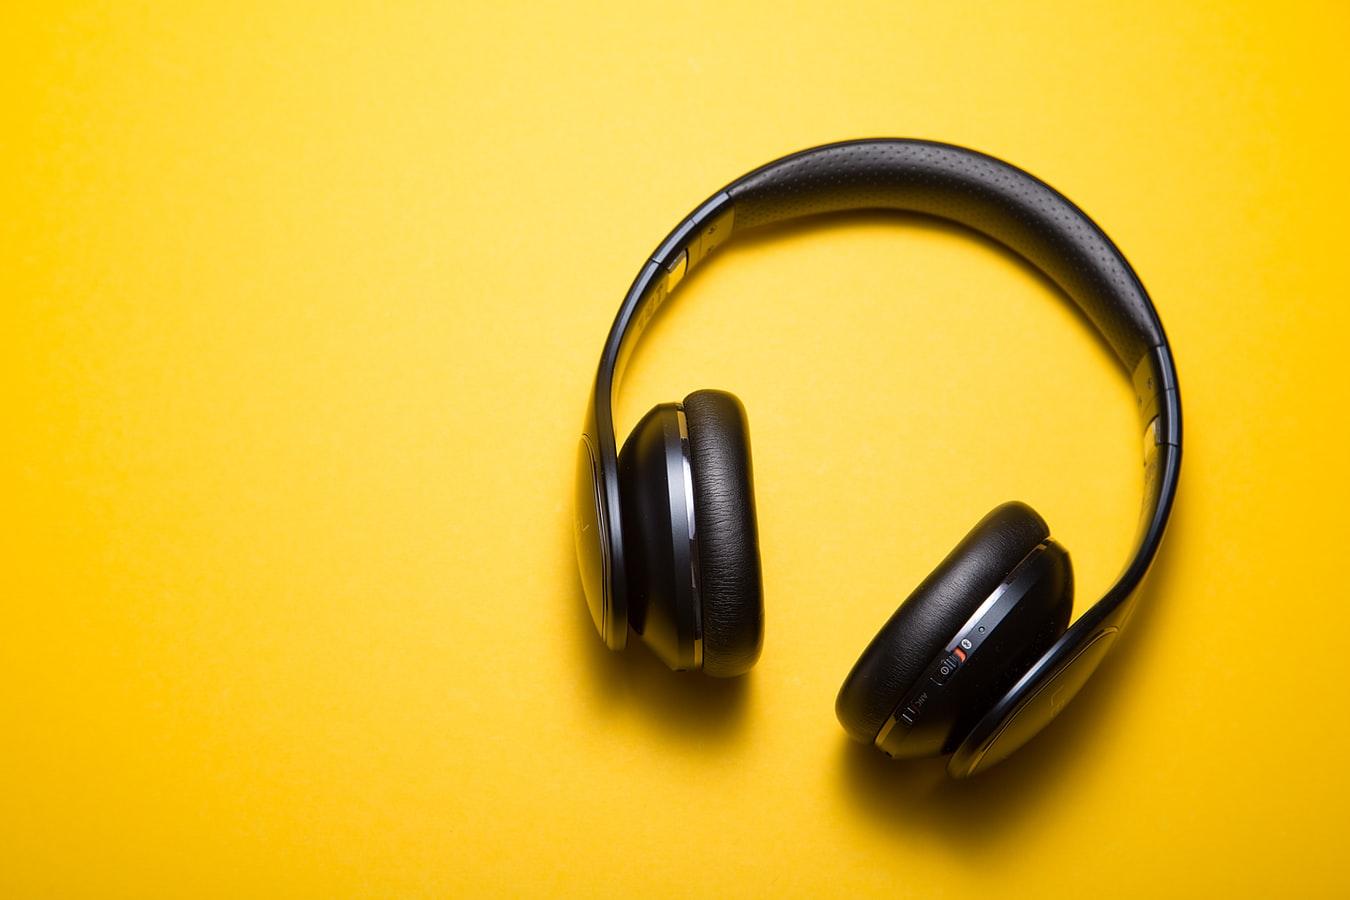 Trådløse høretelefoner med bluetooth